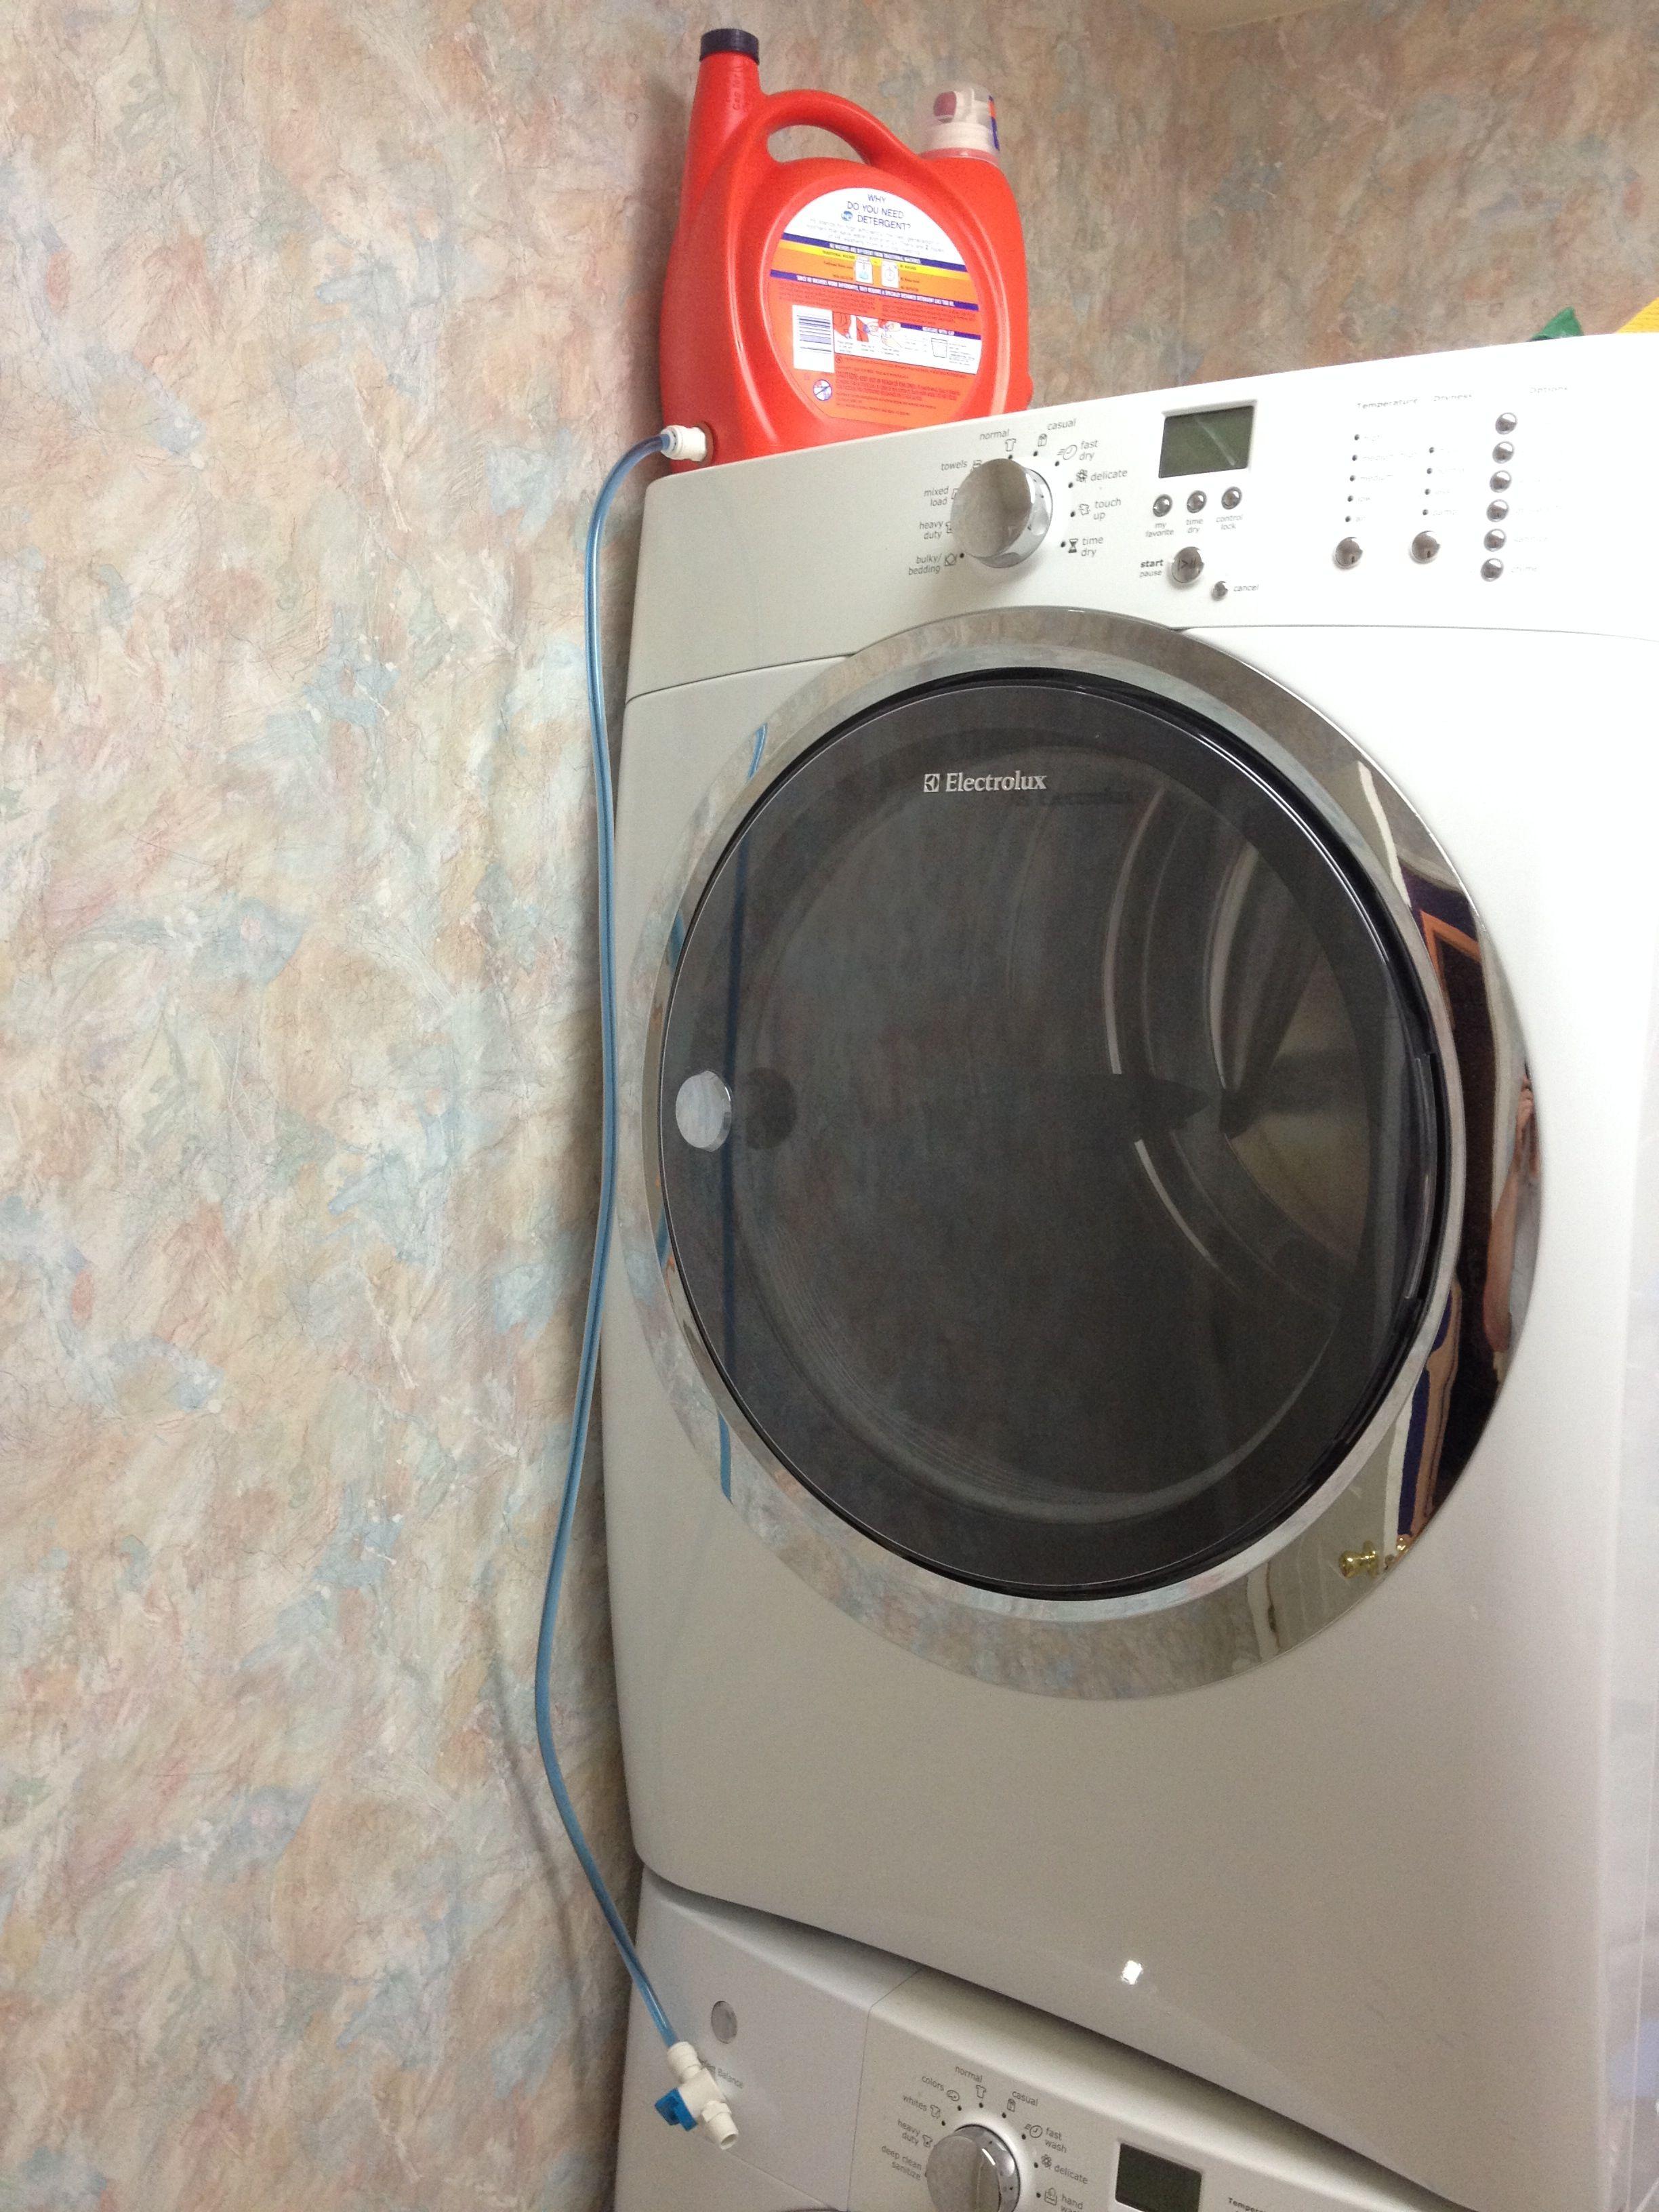 Diy Laundry Detergent Dispenser Lidbomdiggity Laundry Detergent Dispenser Detergent Dispenser Laundry Detergent